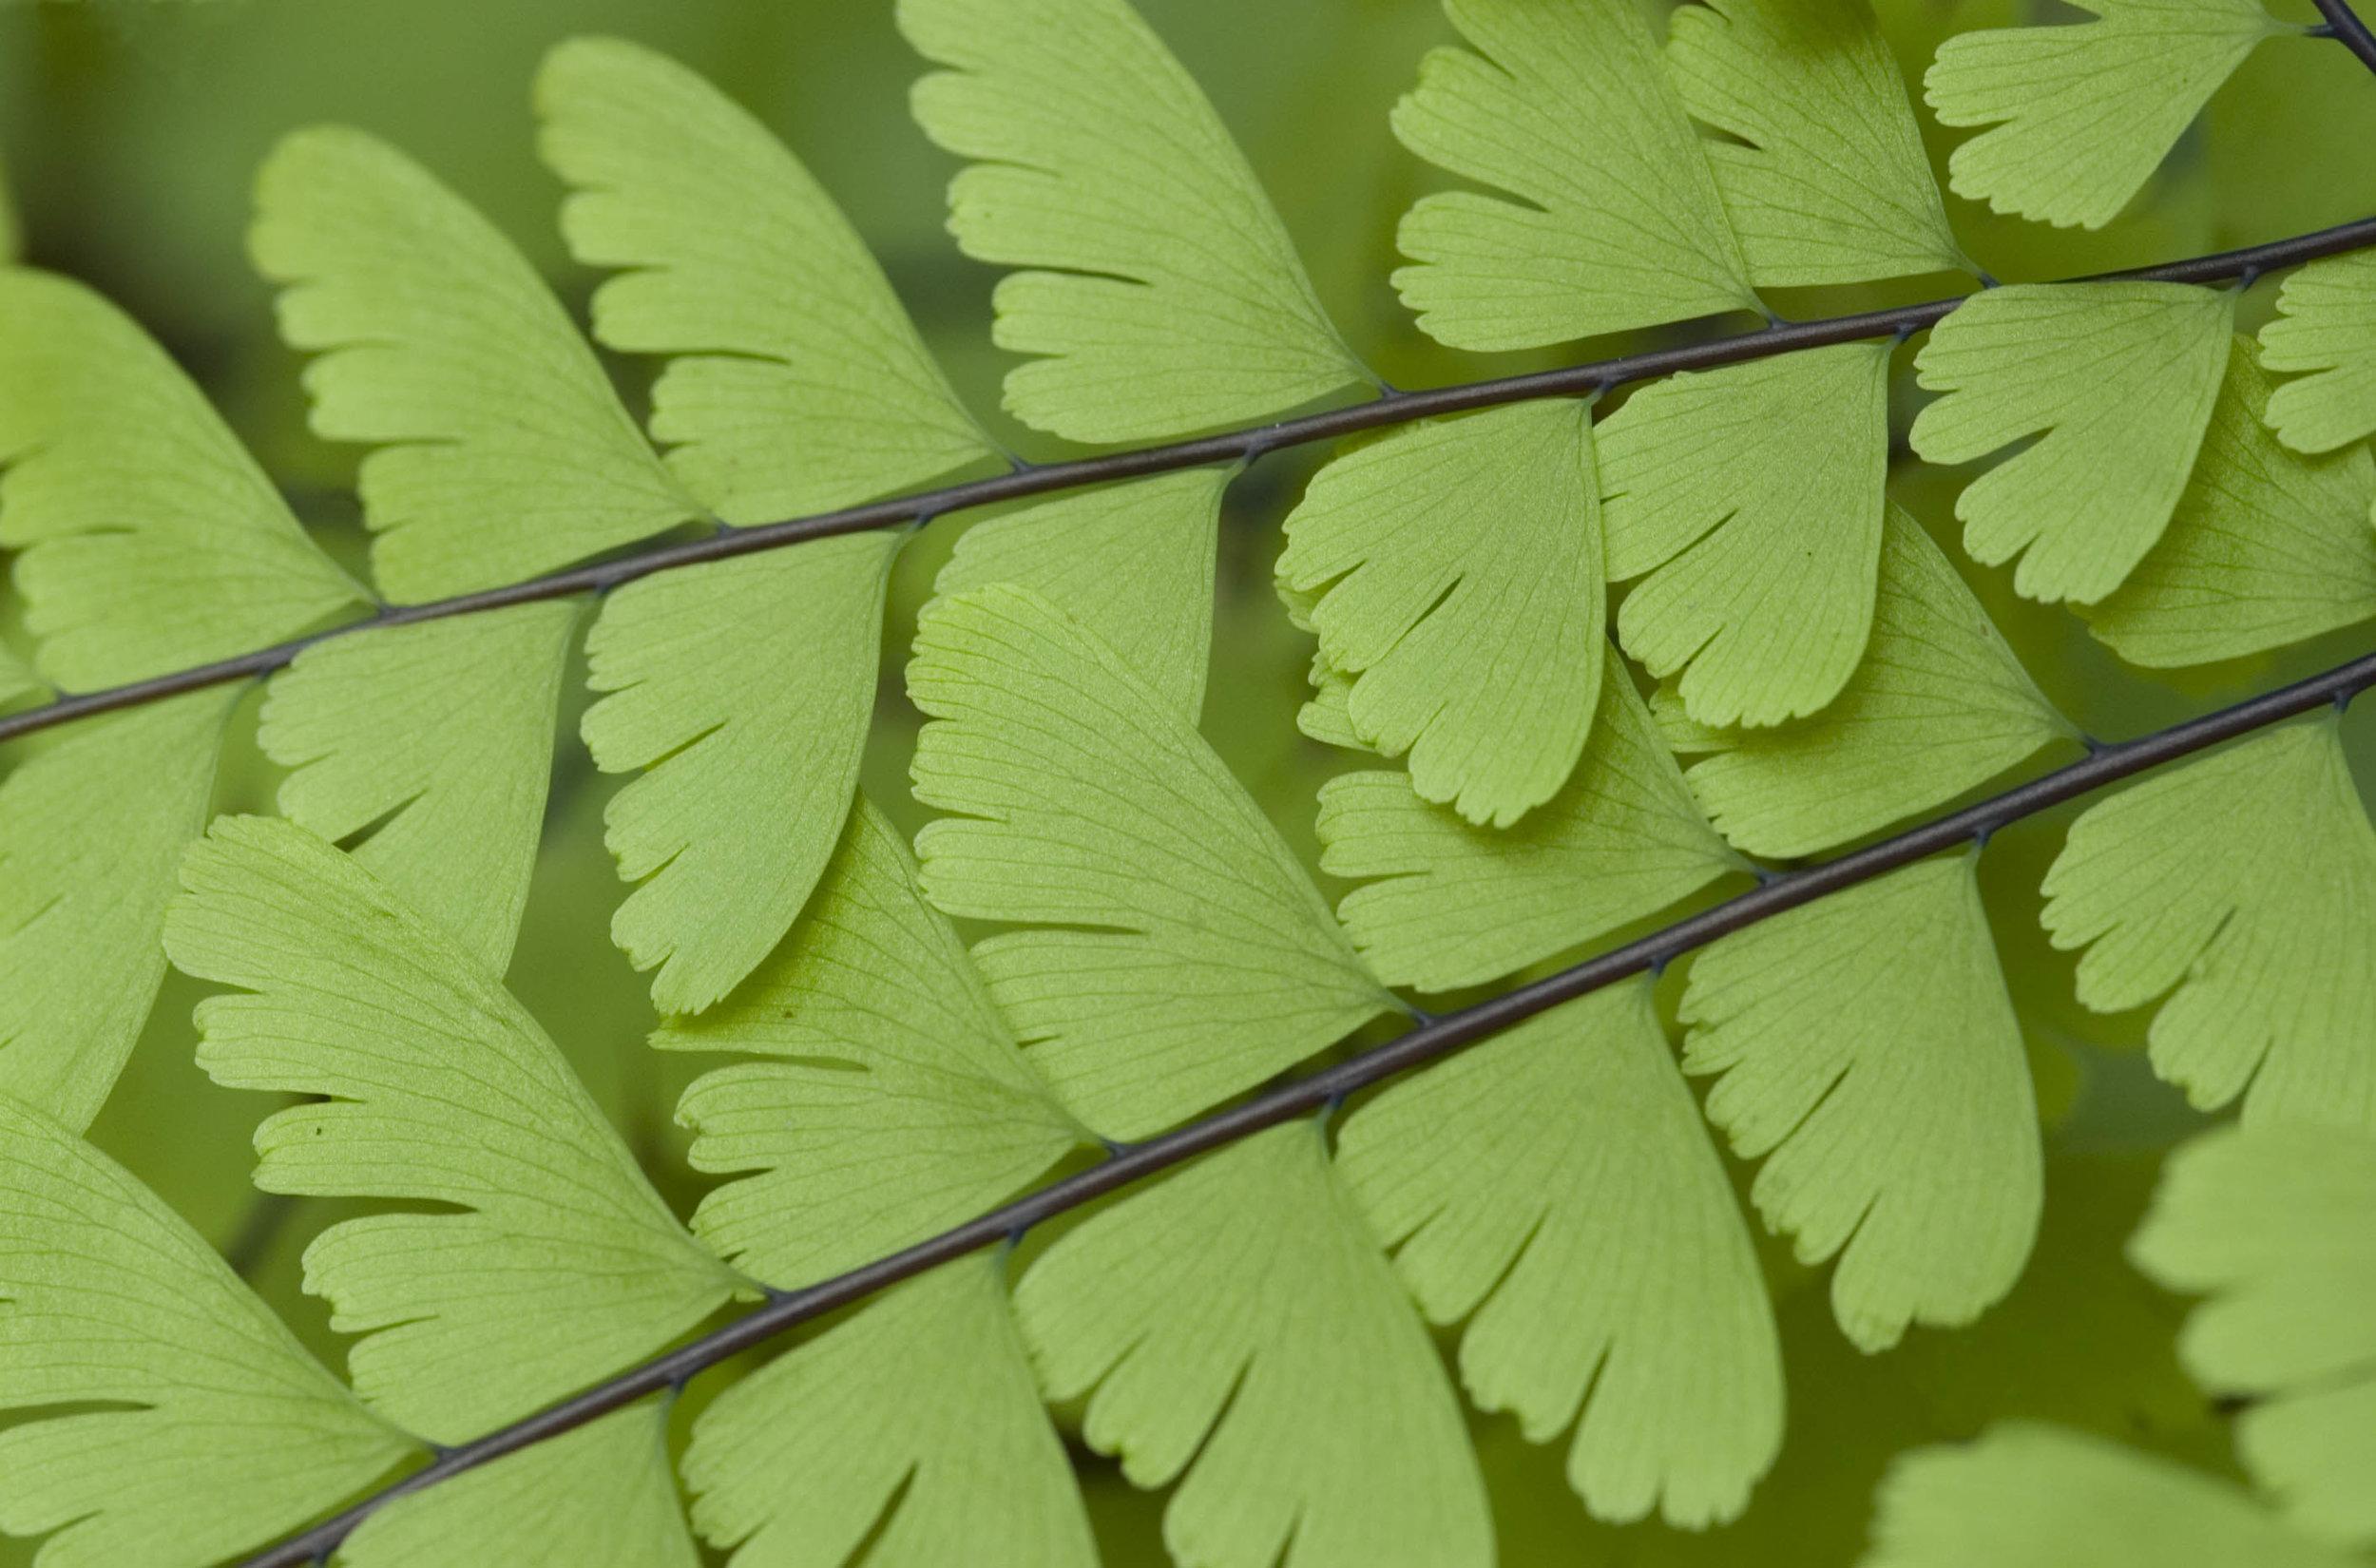 Fern closeup 2.jpg